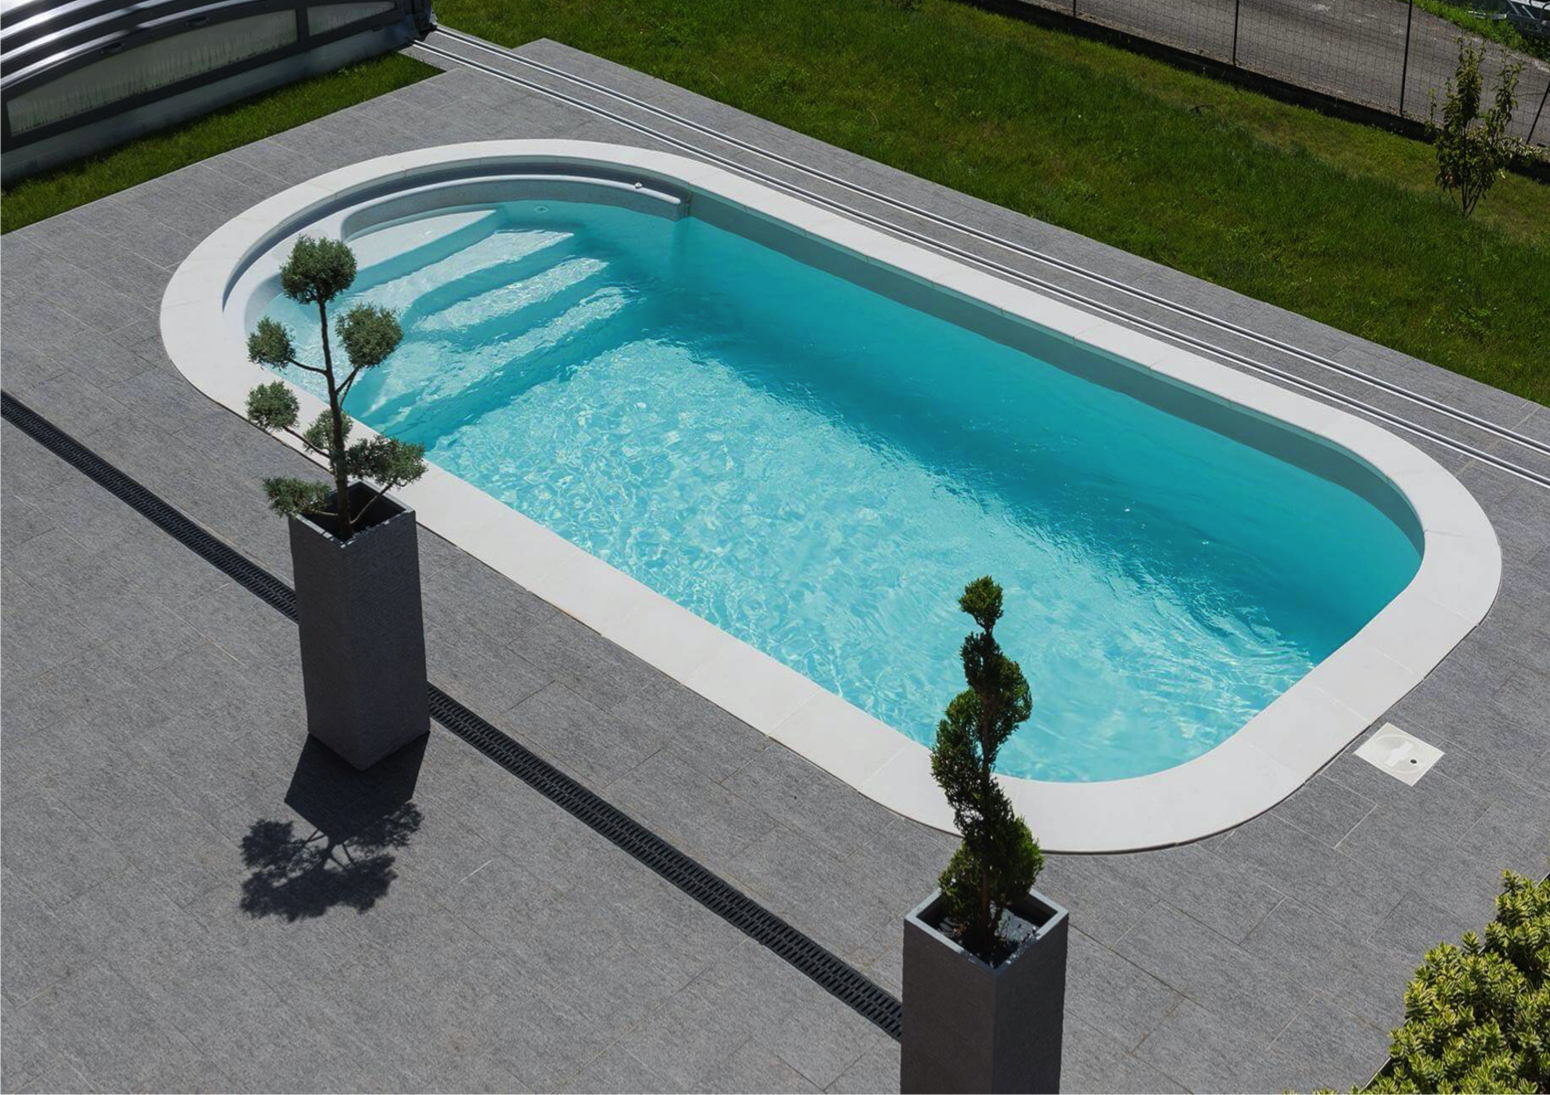 Nettoyage de piscine